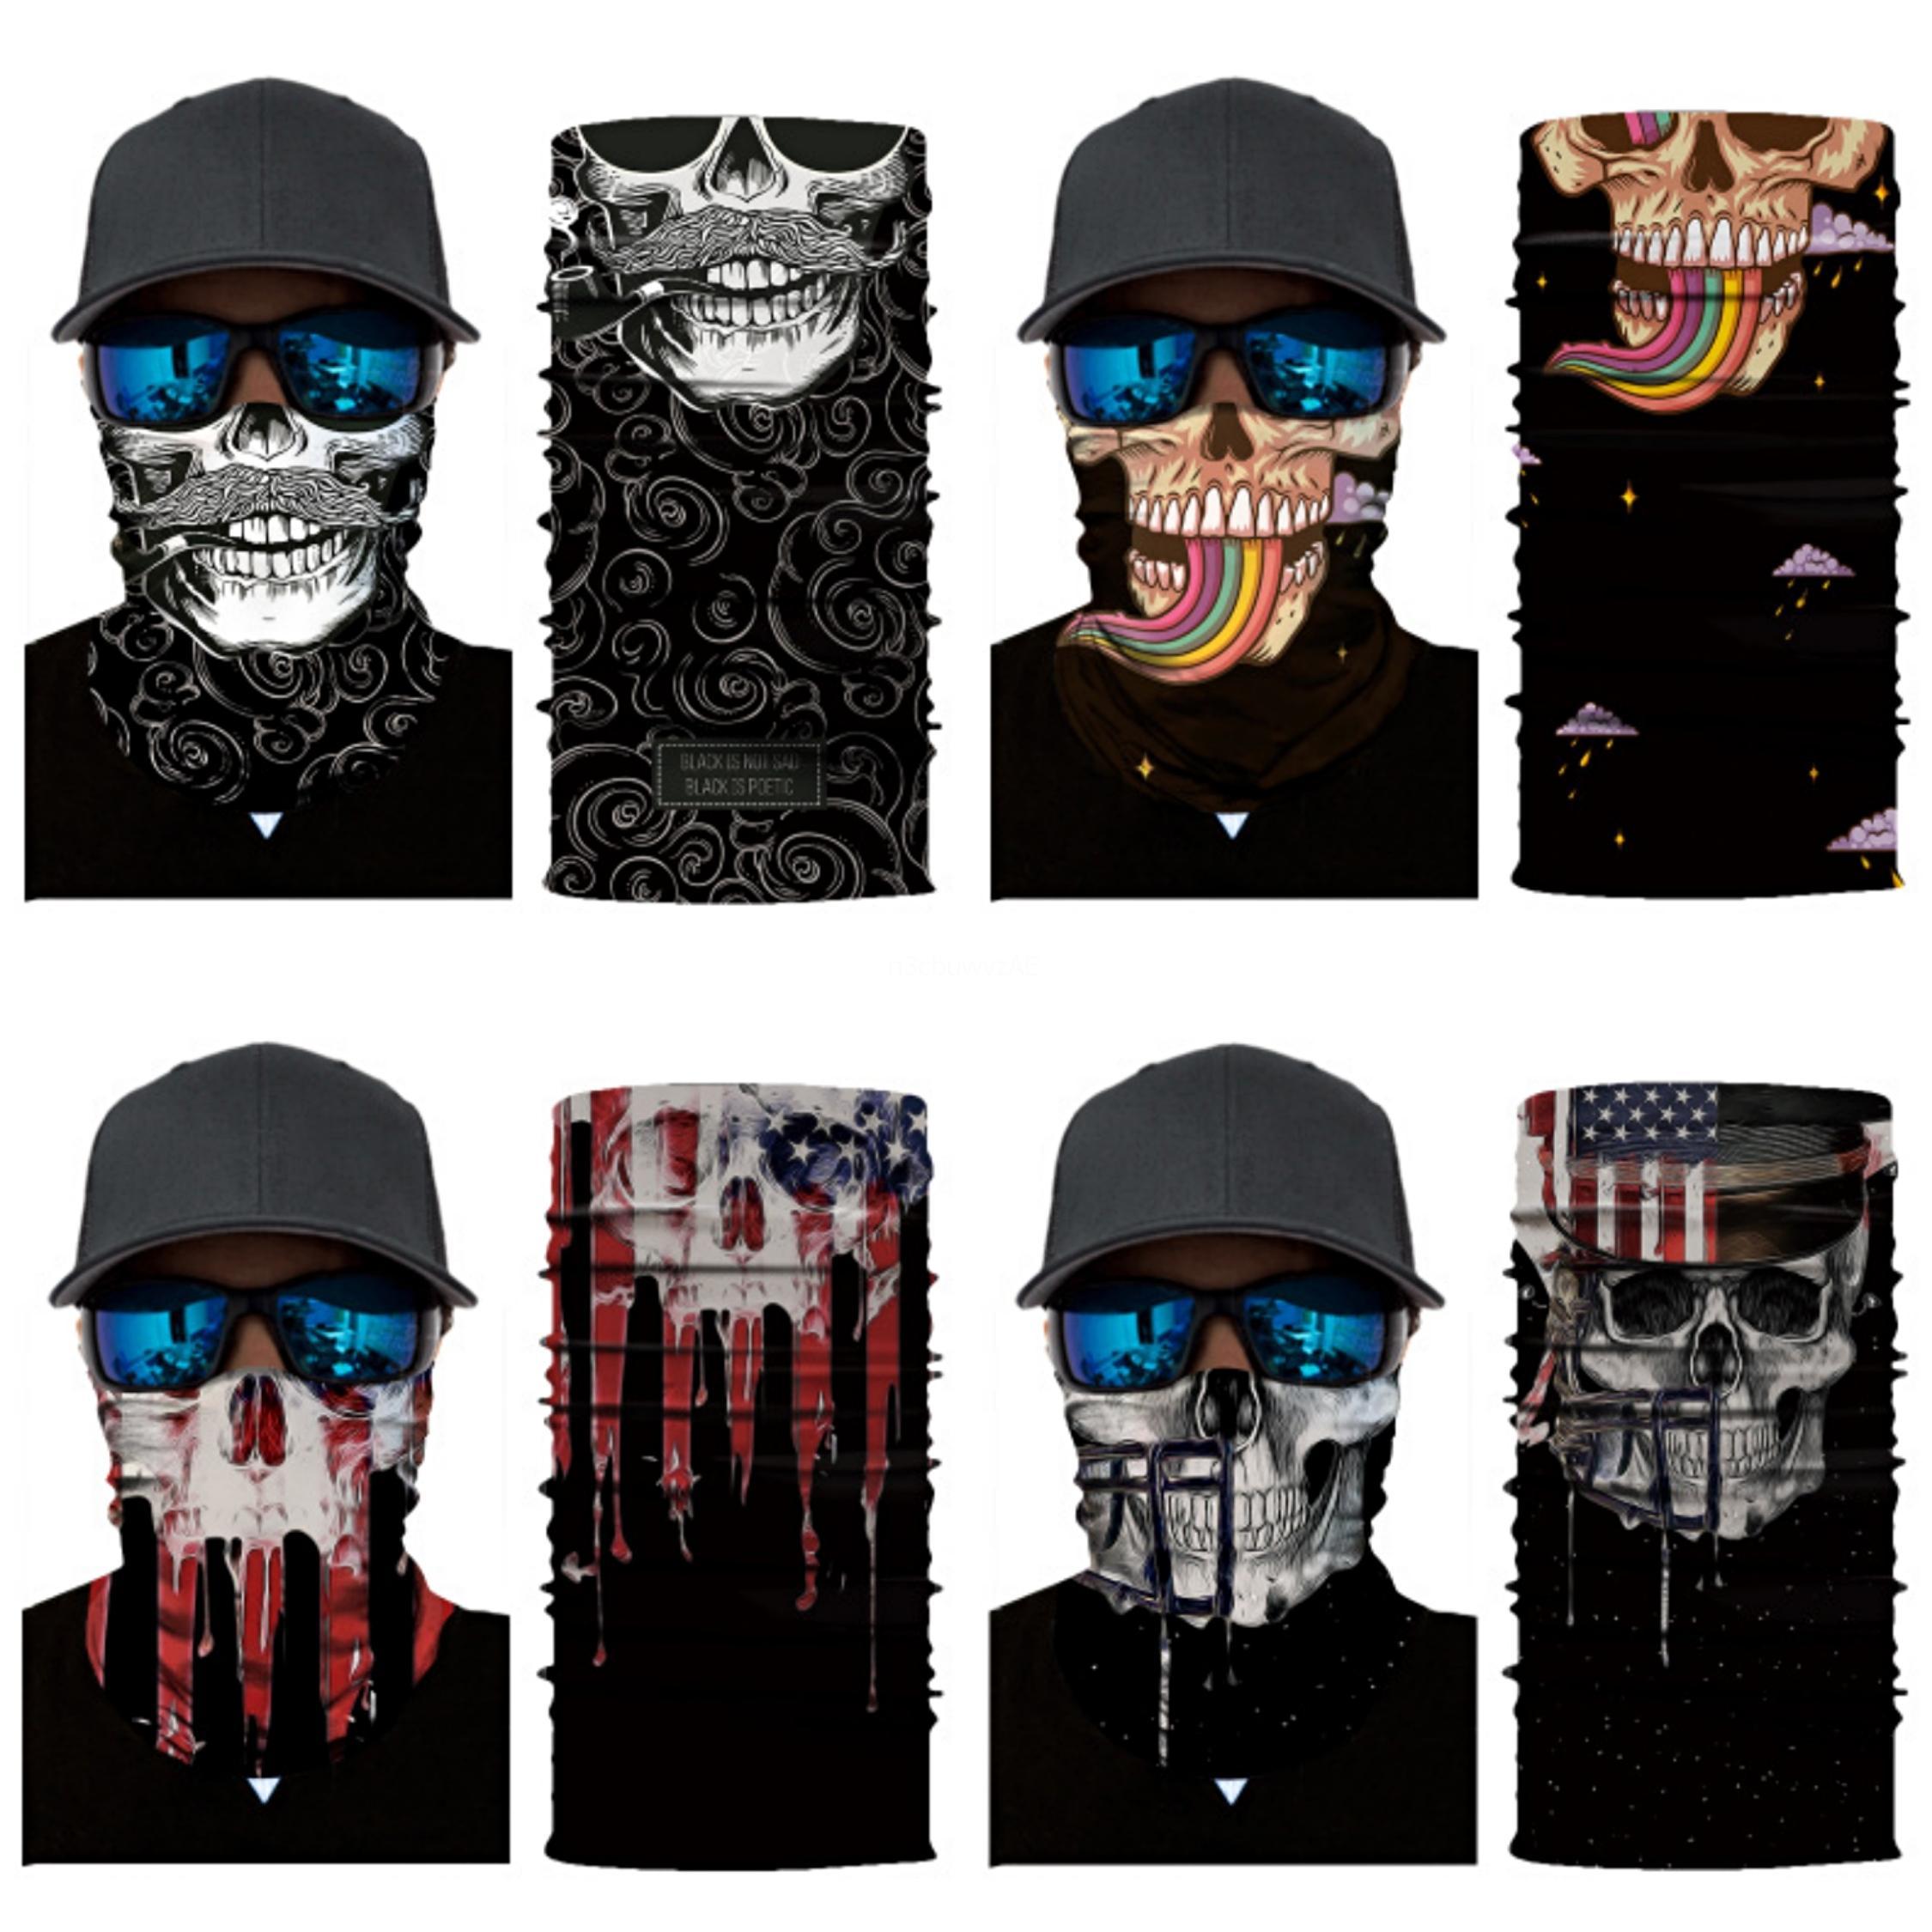 Maschere BFBvr Hot OutdoorFlag magia con bandana in bicicletta del collo del fronte Sciarpe antivento Sport capo Maschera Headskull sciarpa Filter Designer Mask # 241